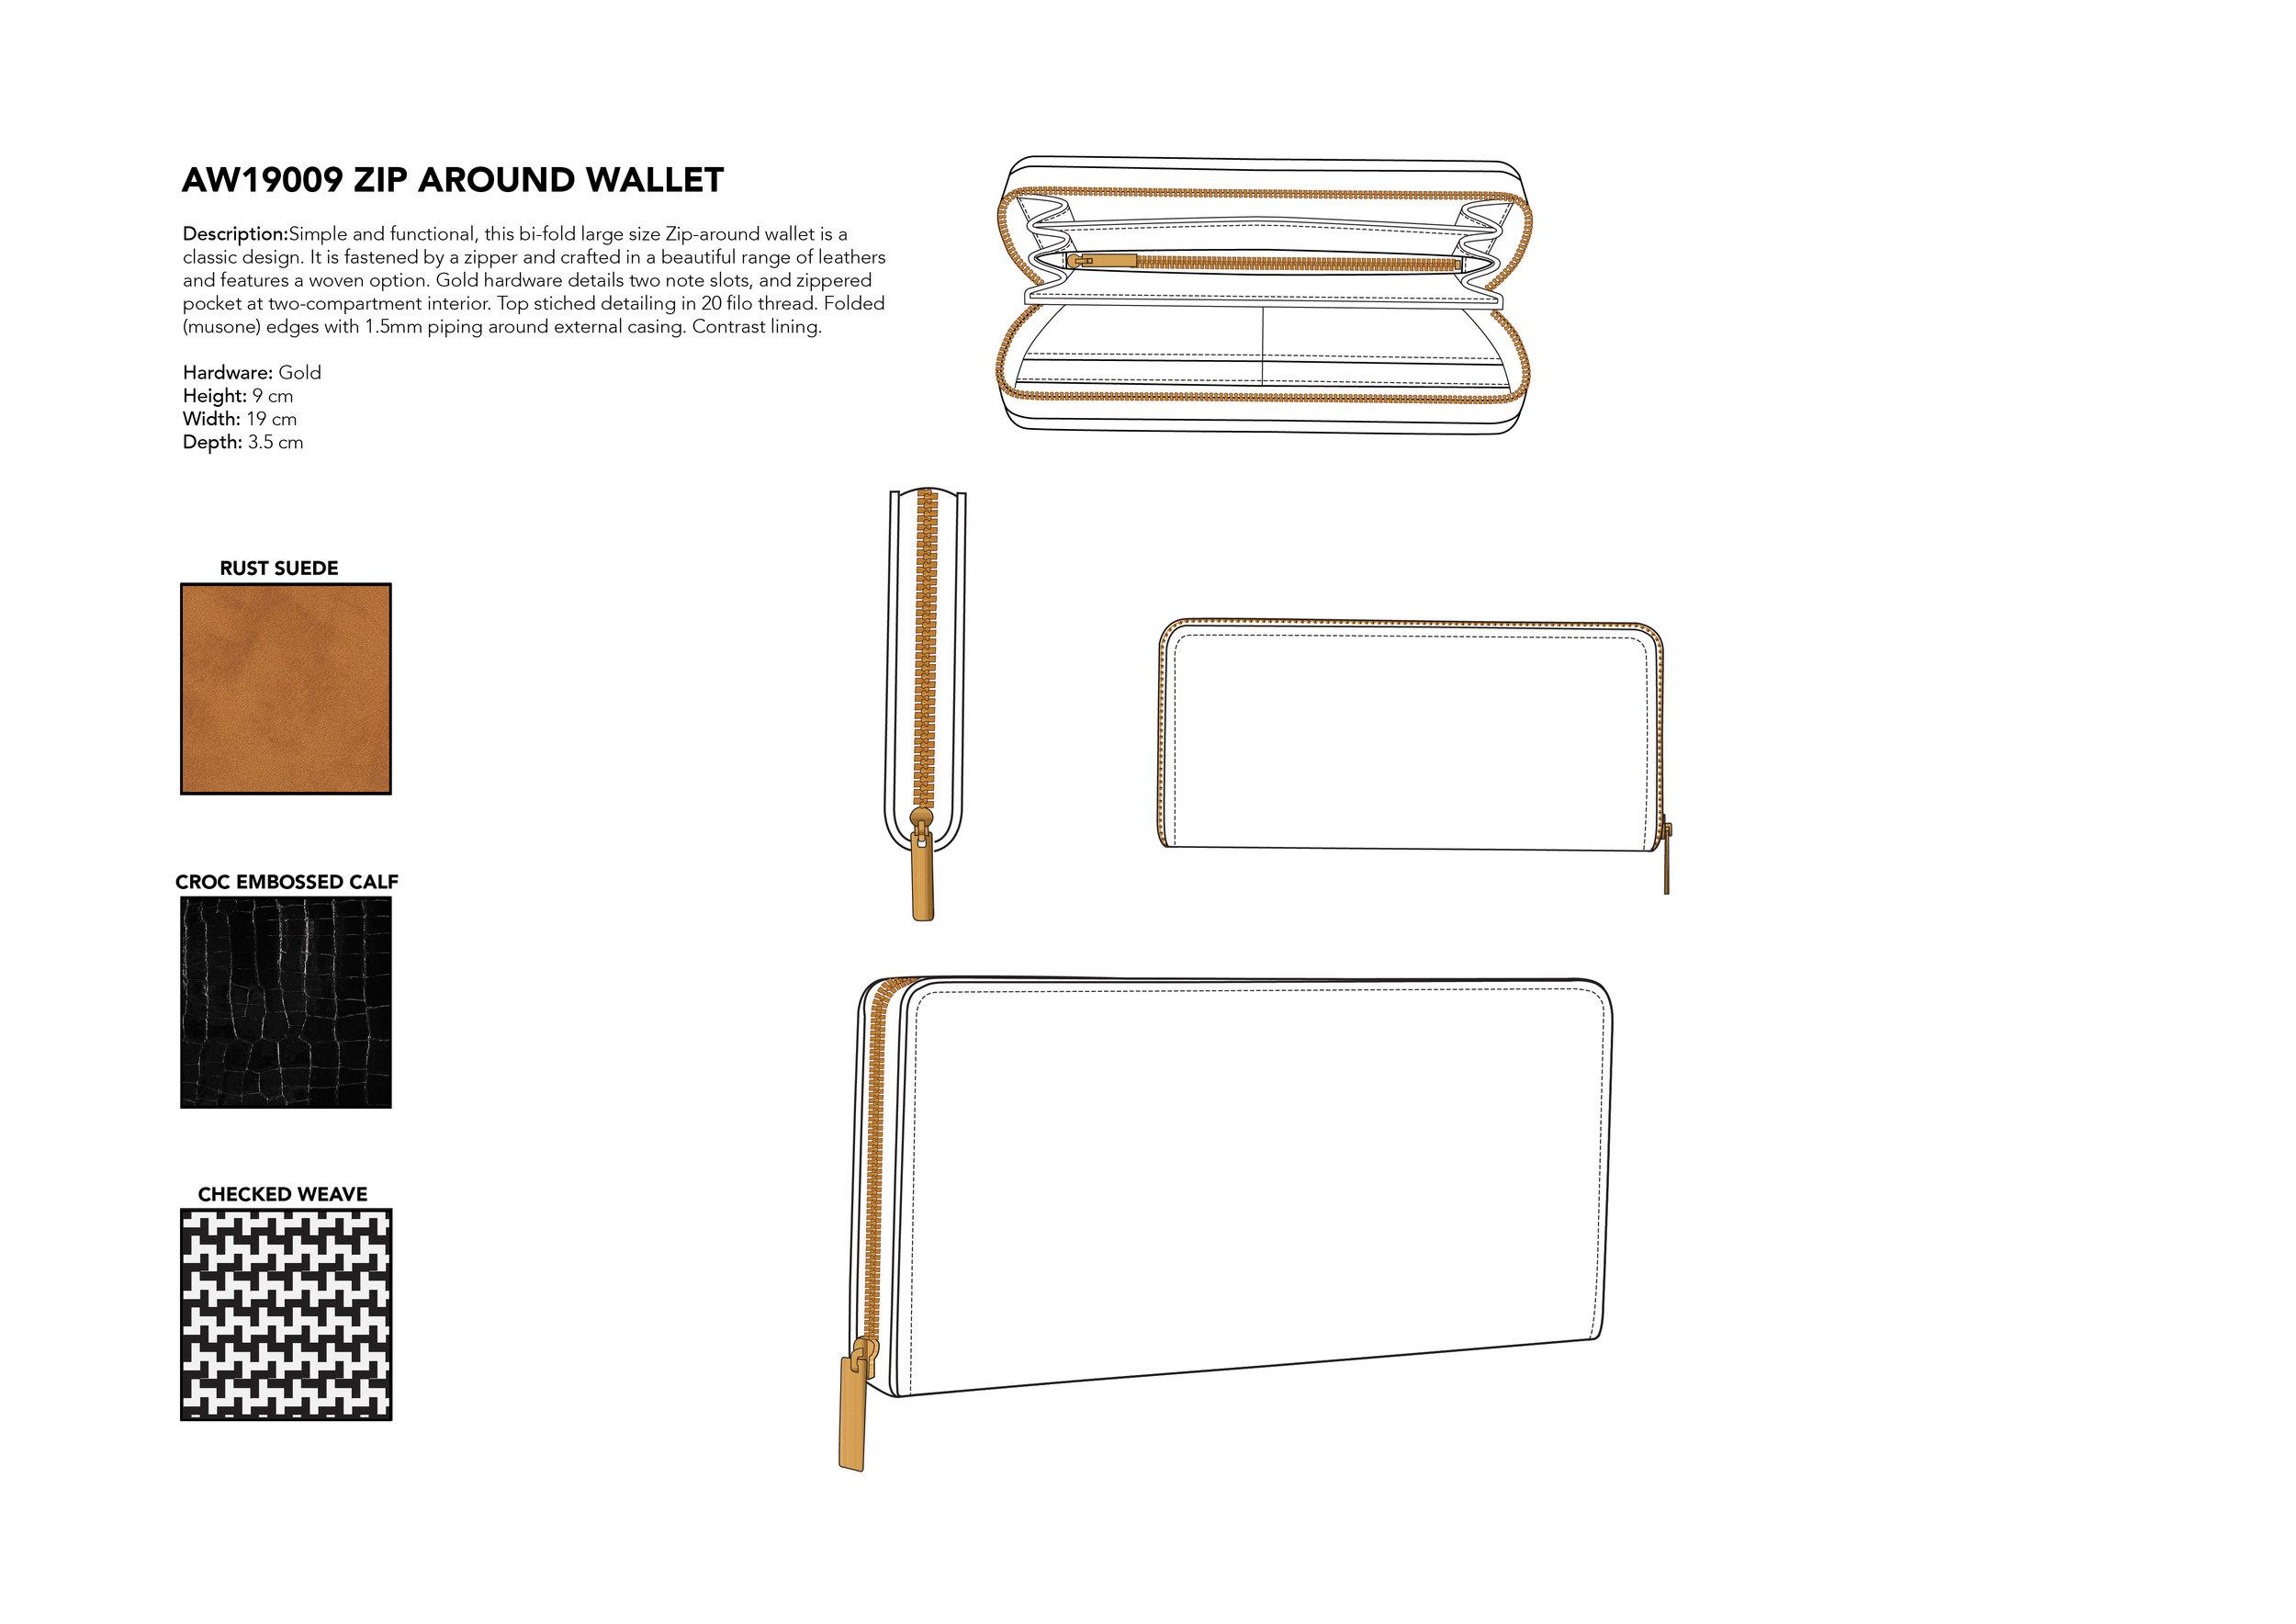 wallet simplejpg-11.jpg